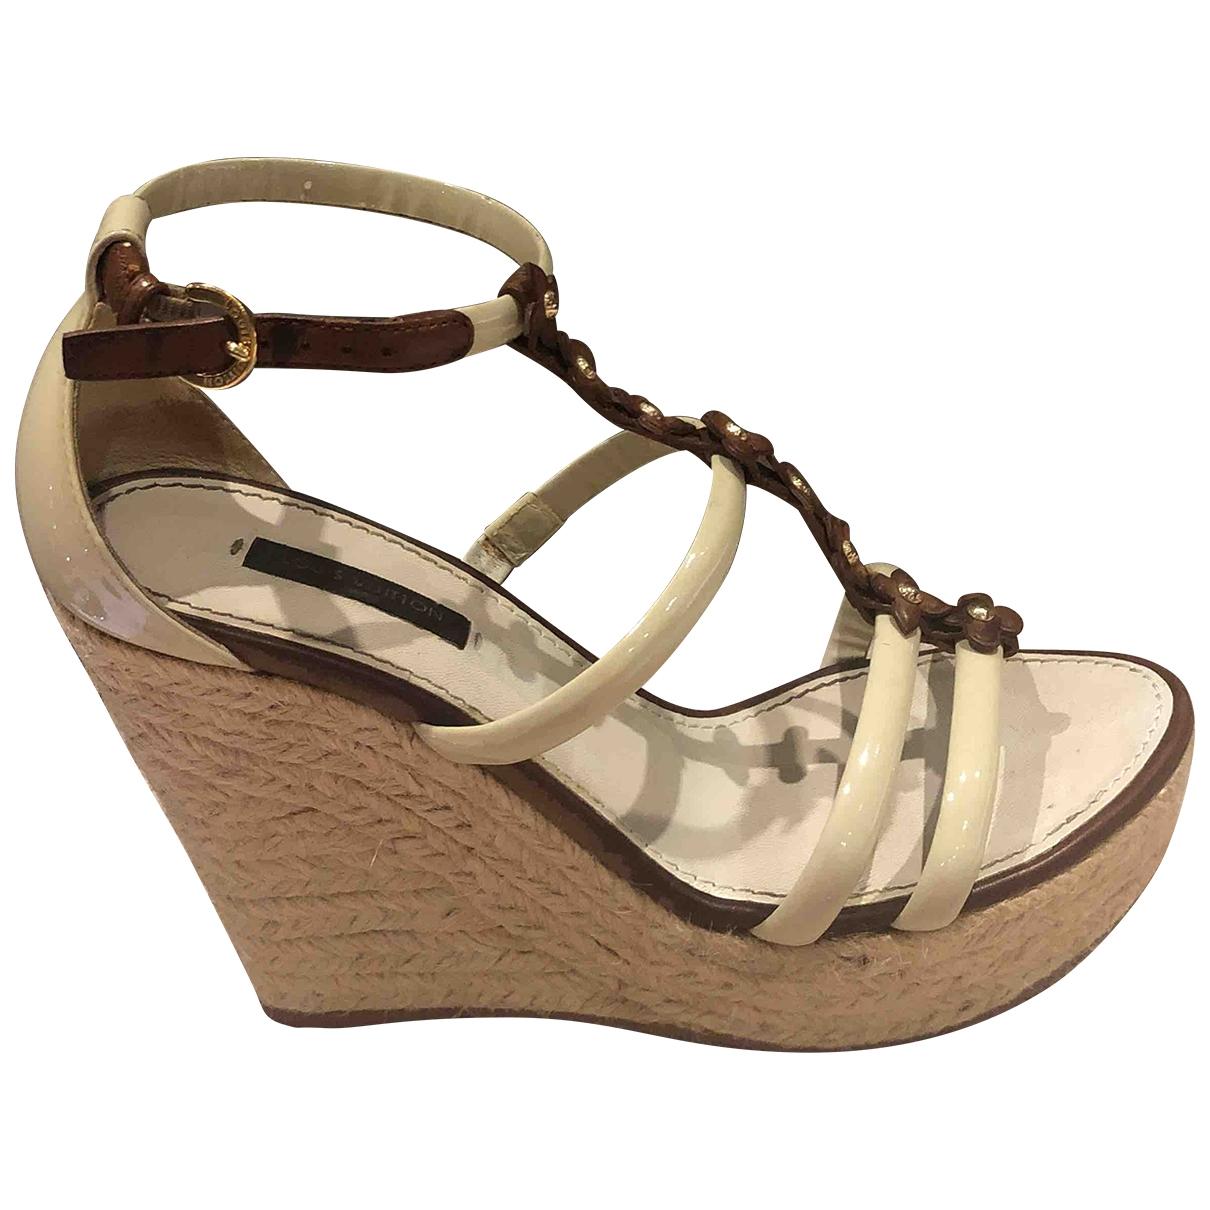 Sandalias romanas de Charol Louis Vuitton